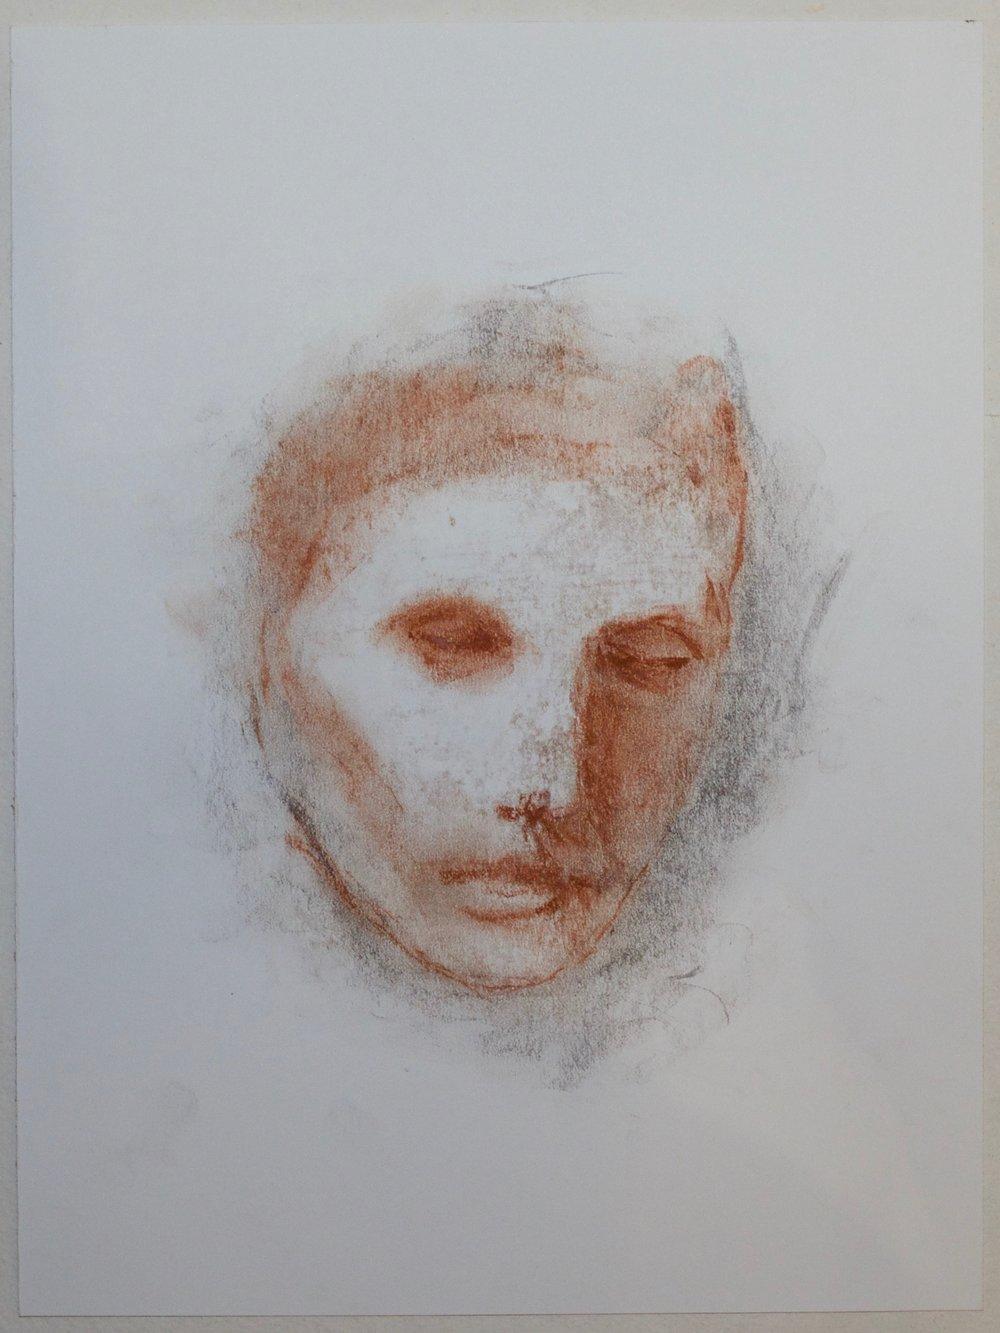 Conte crayon  9 x 12